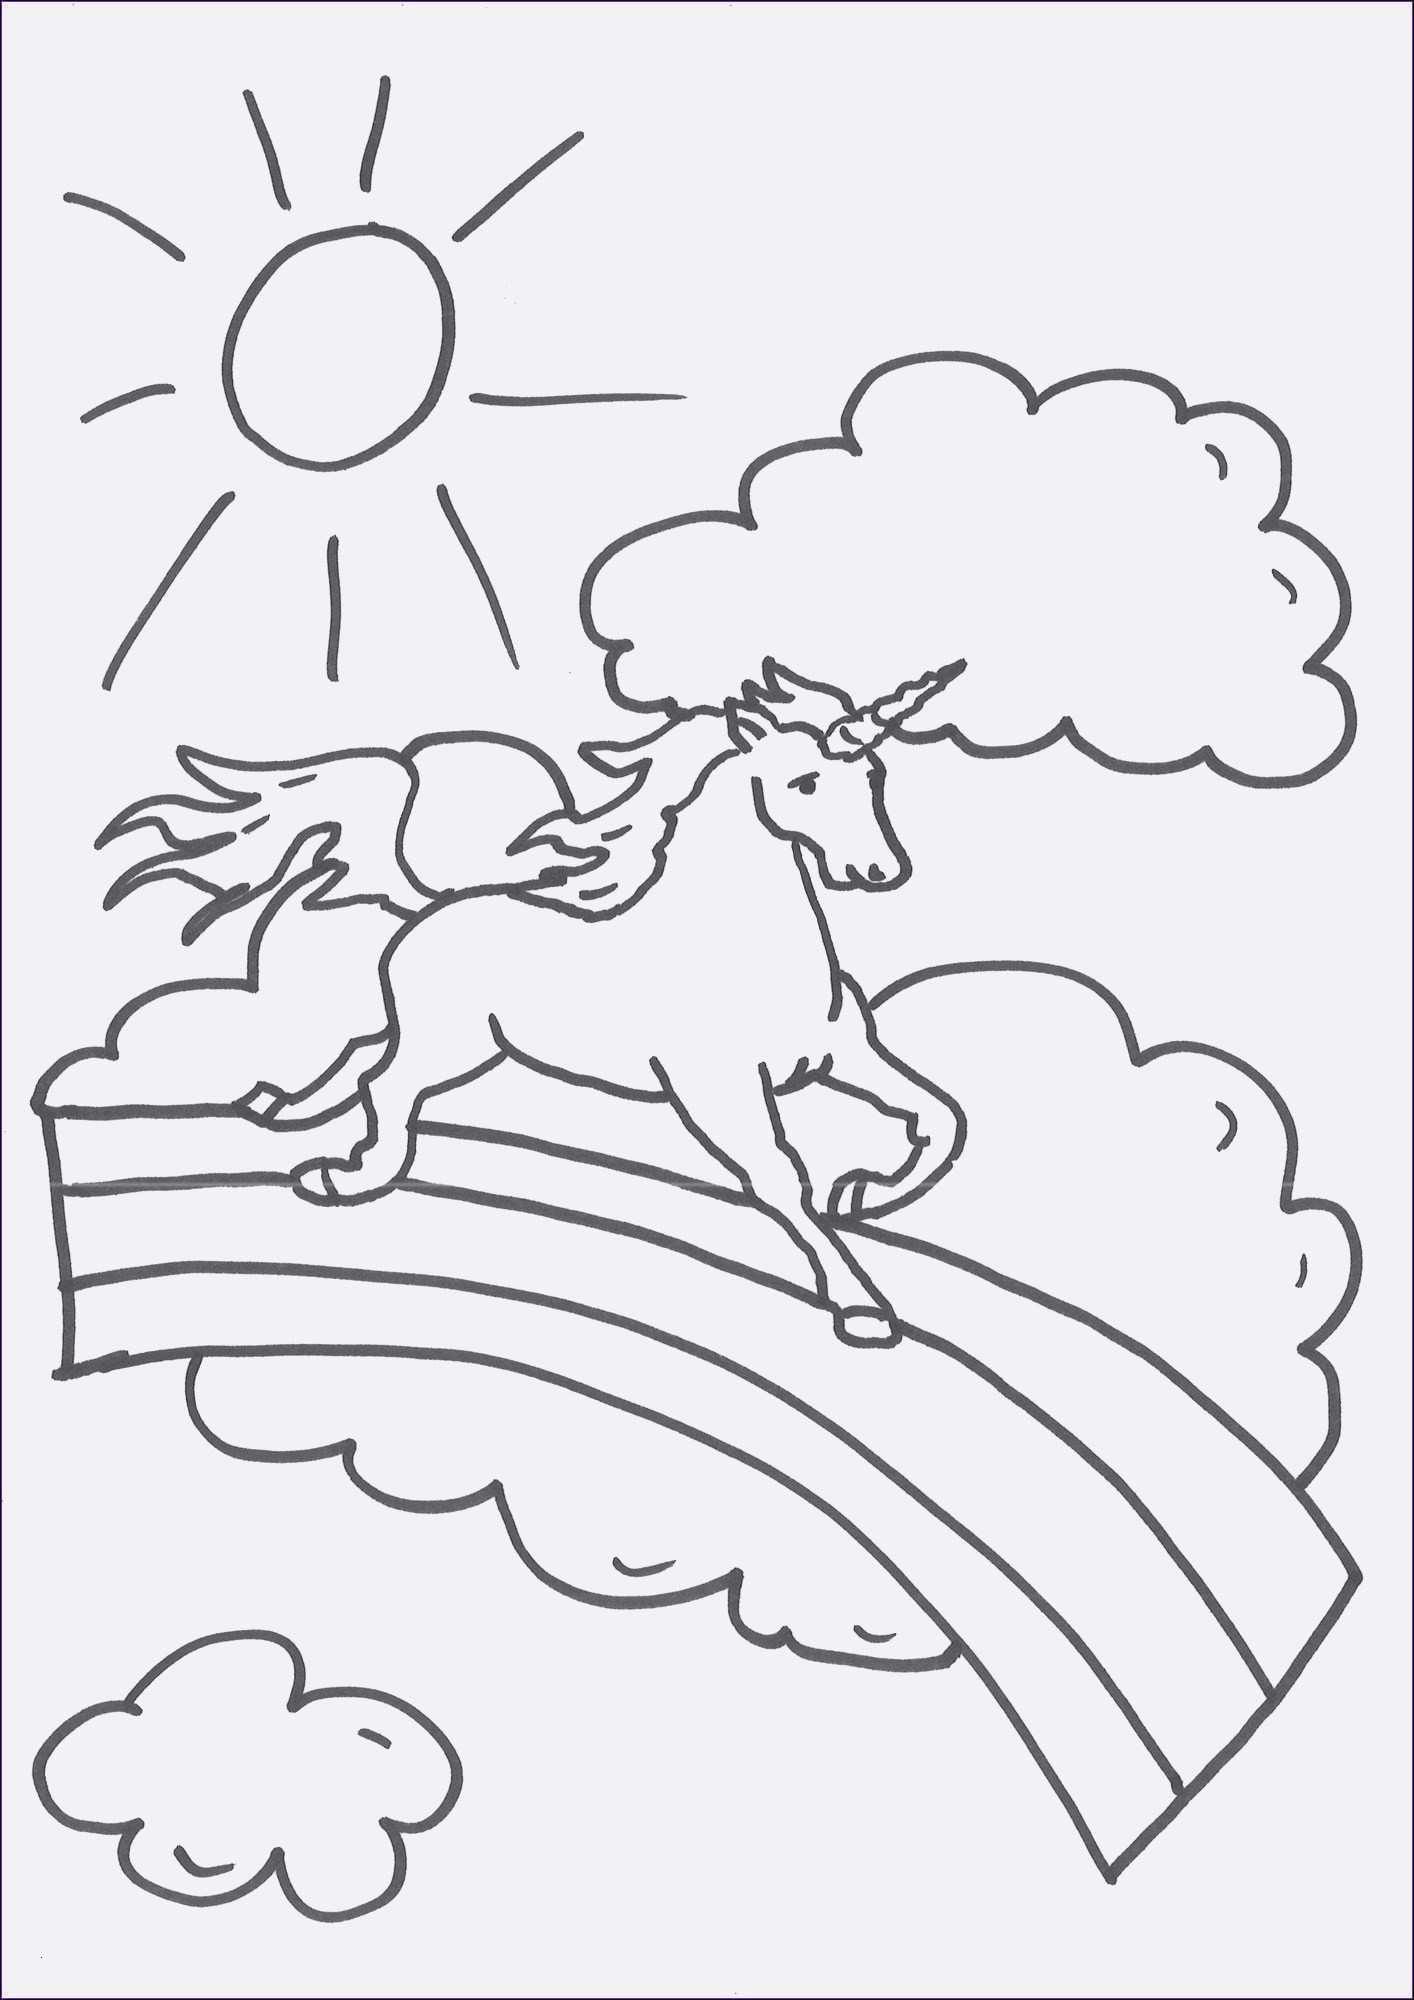 My Little Pony Pinkie Pie Ausmalbilder Genial My Little Pony Bilder Zum Ausmalen Bild – Ausmalbilder Ideen Galerie